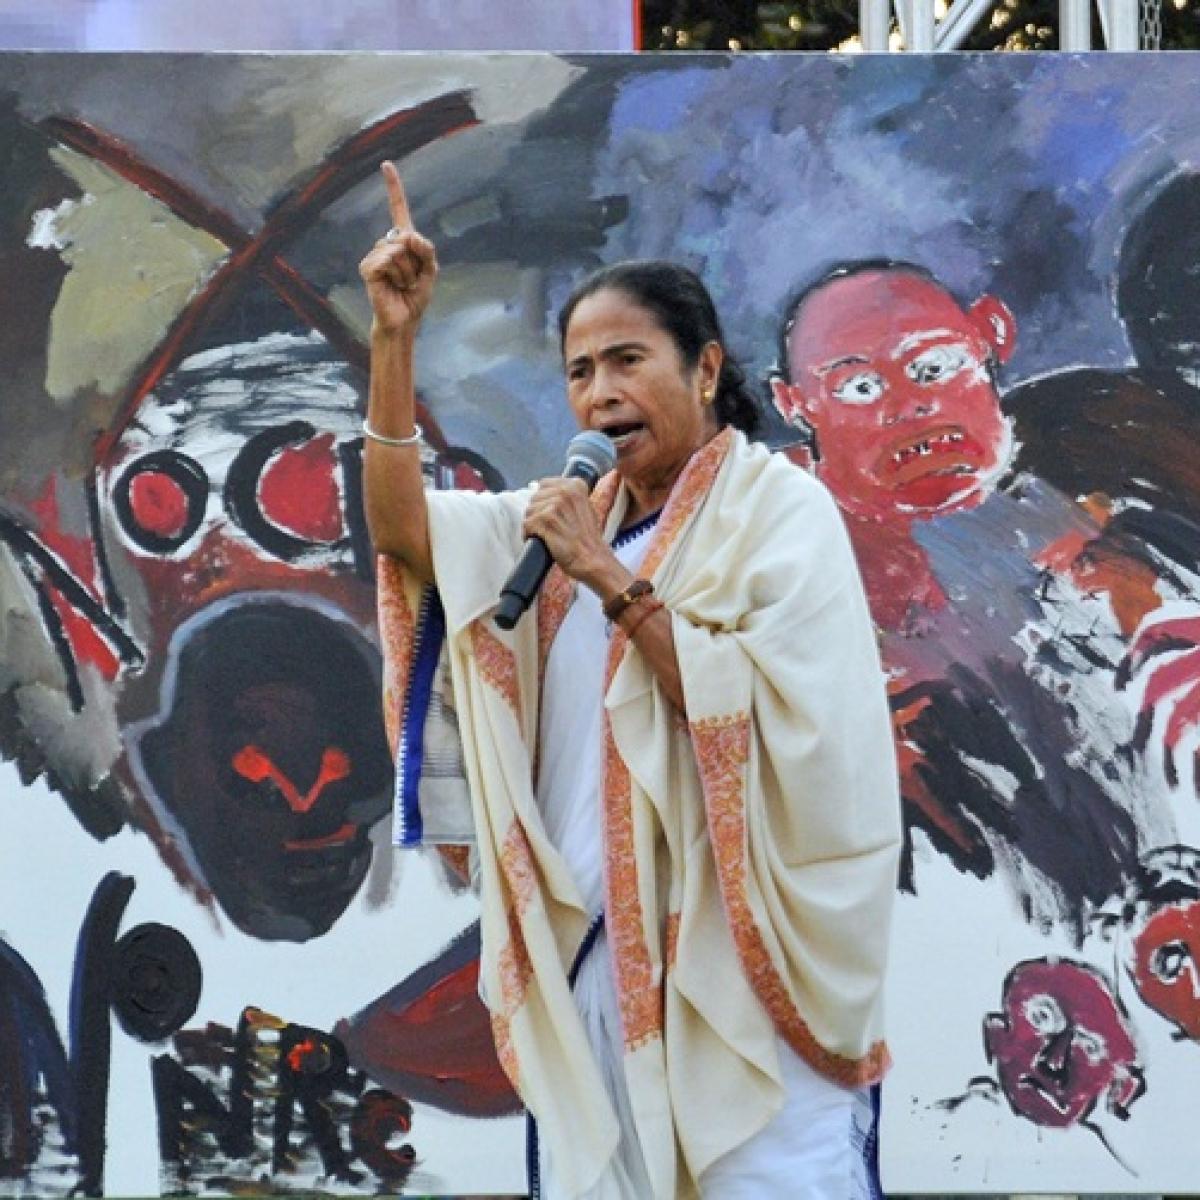 CAA protests: Mamata Banerjee's CaaCaaChiChi slogan goes viral on social media